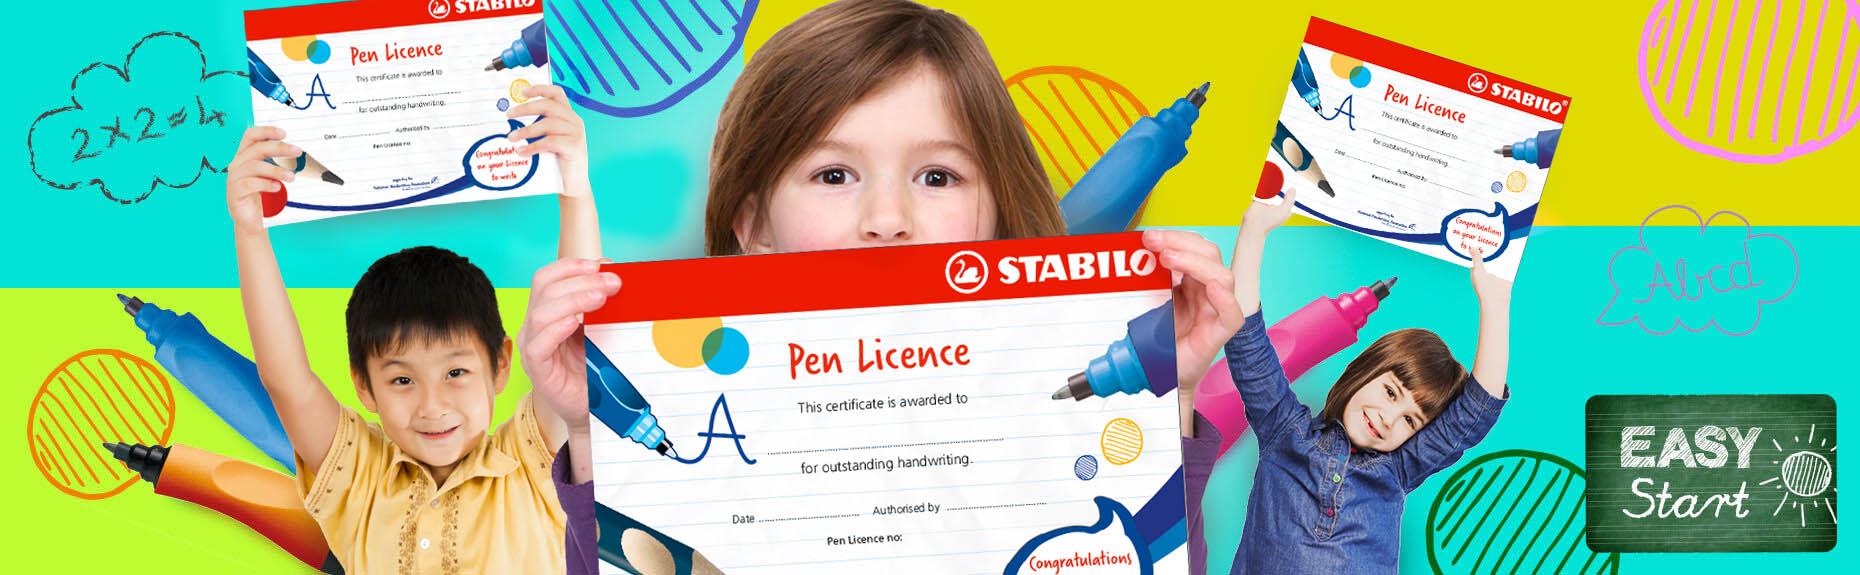 STABILO Pen Licence